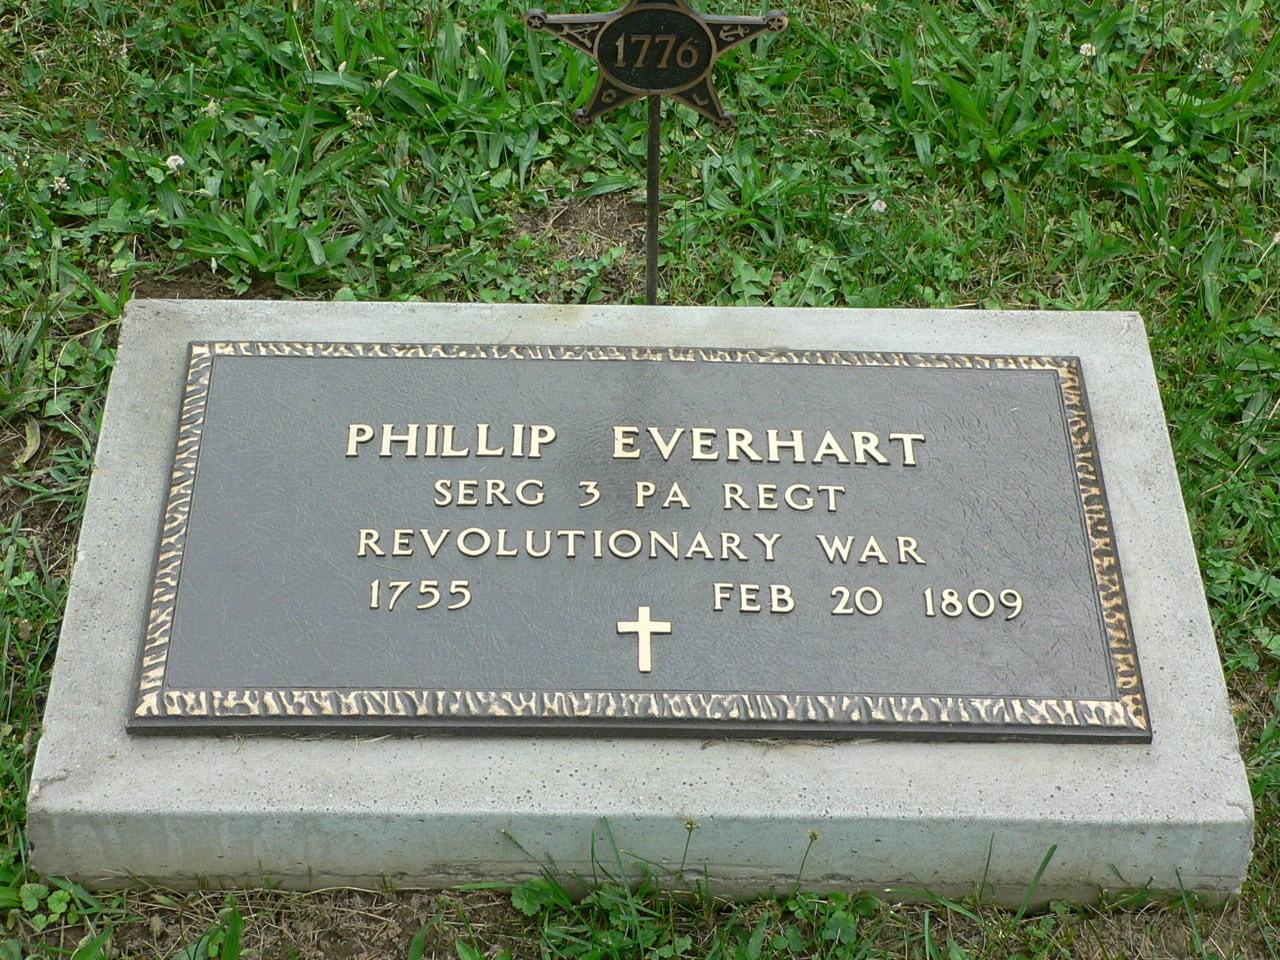 Philip Everhart